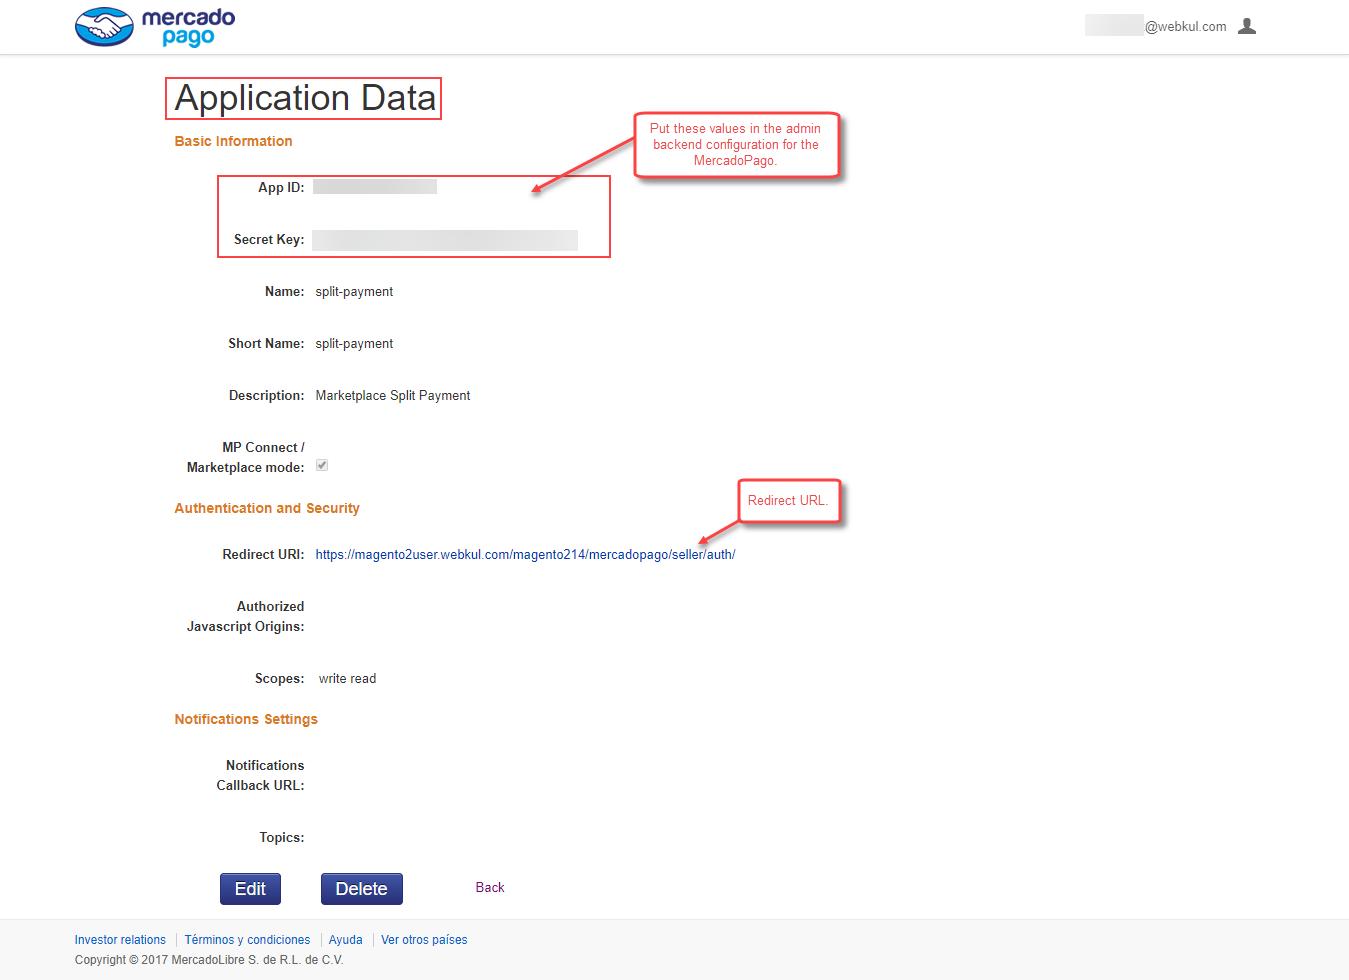 App-Data-Mercadopago